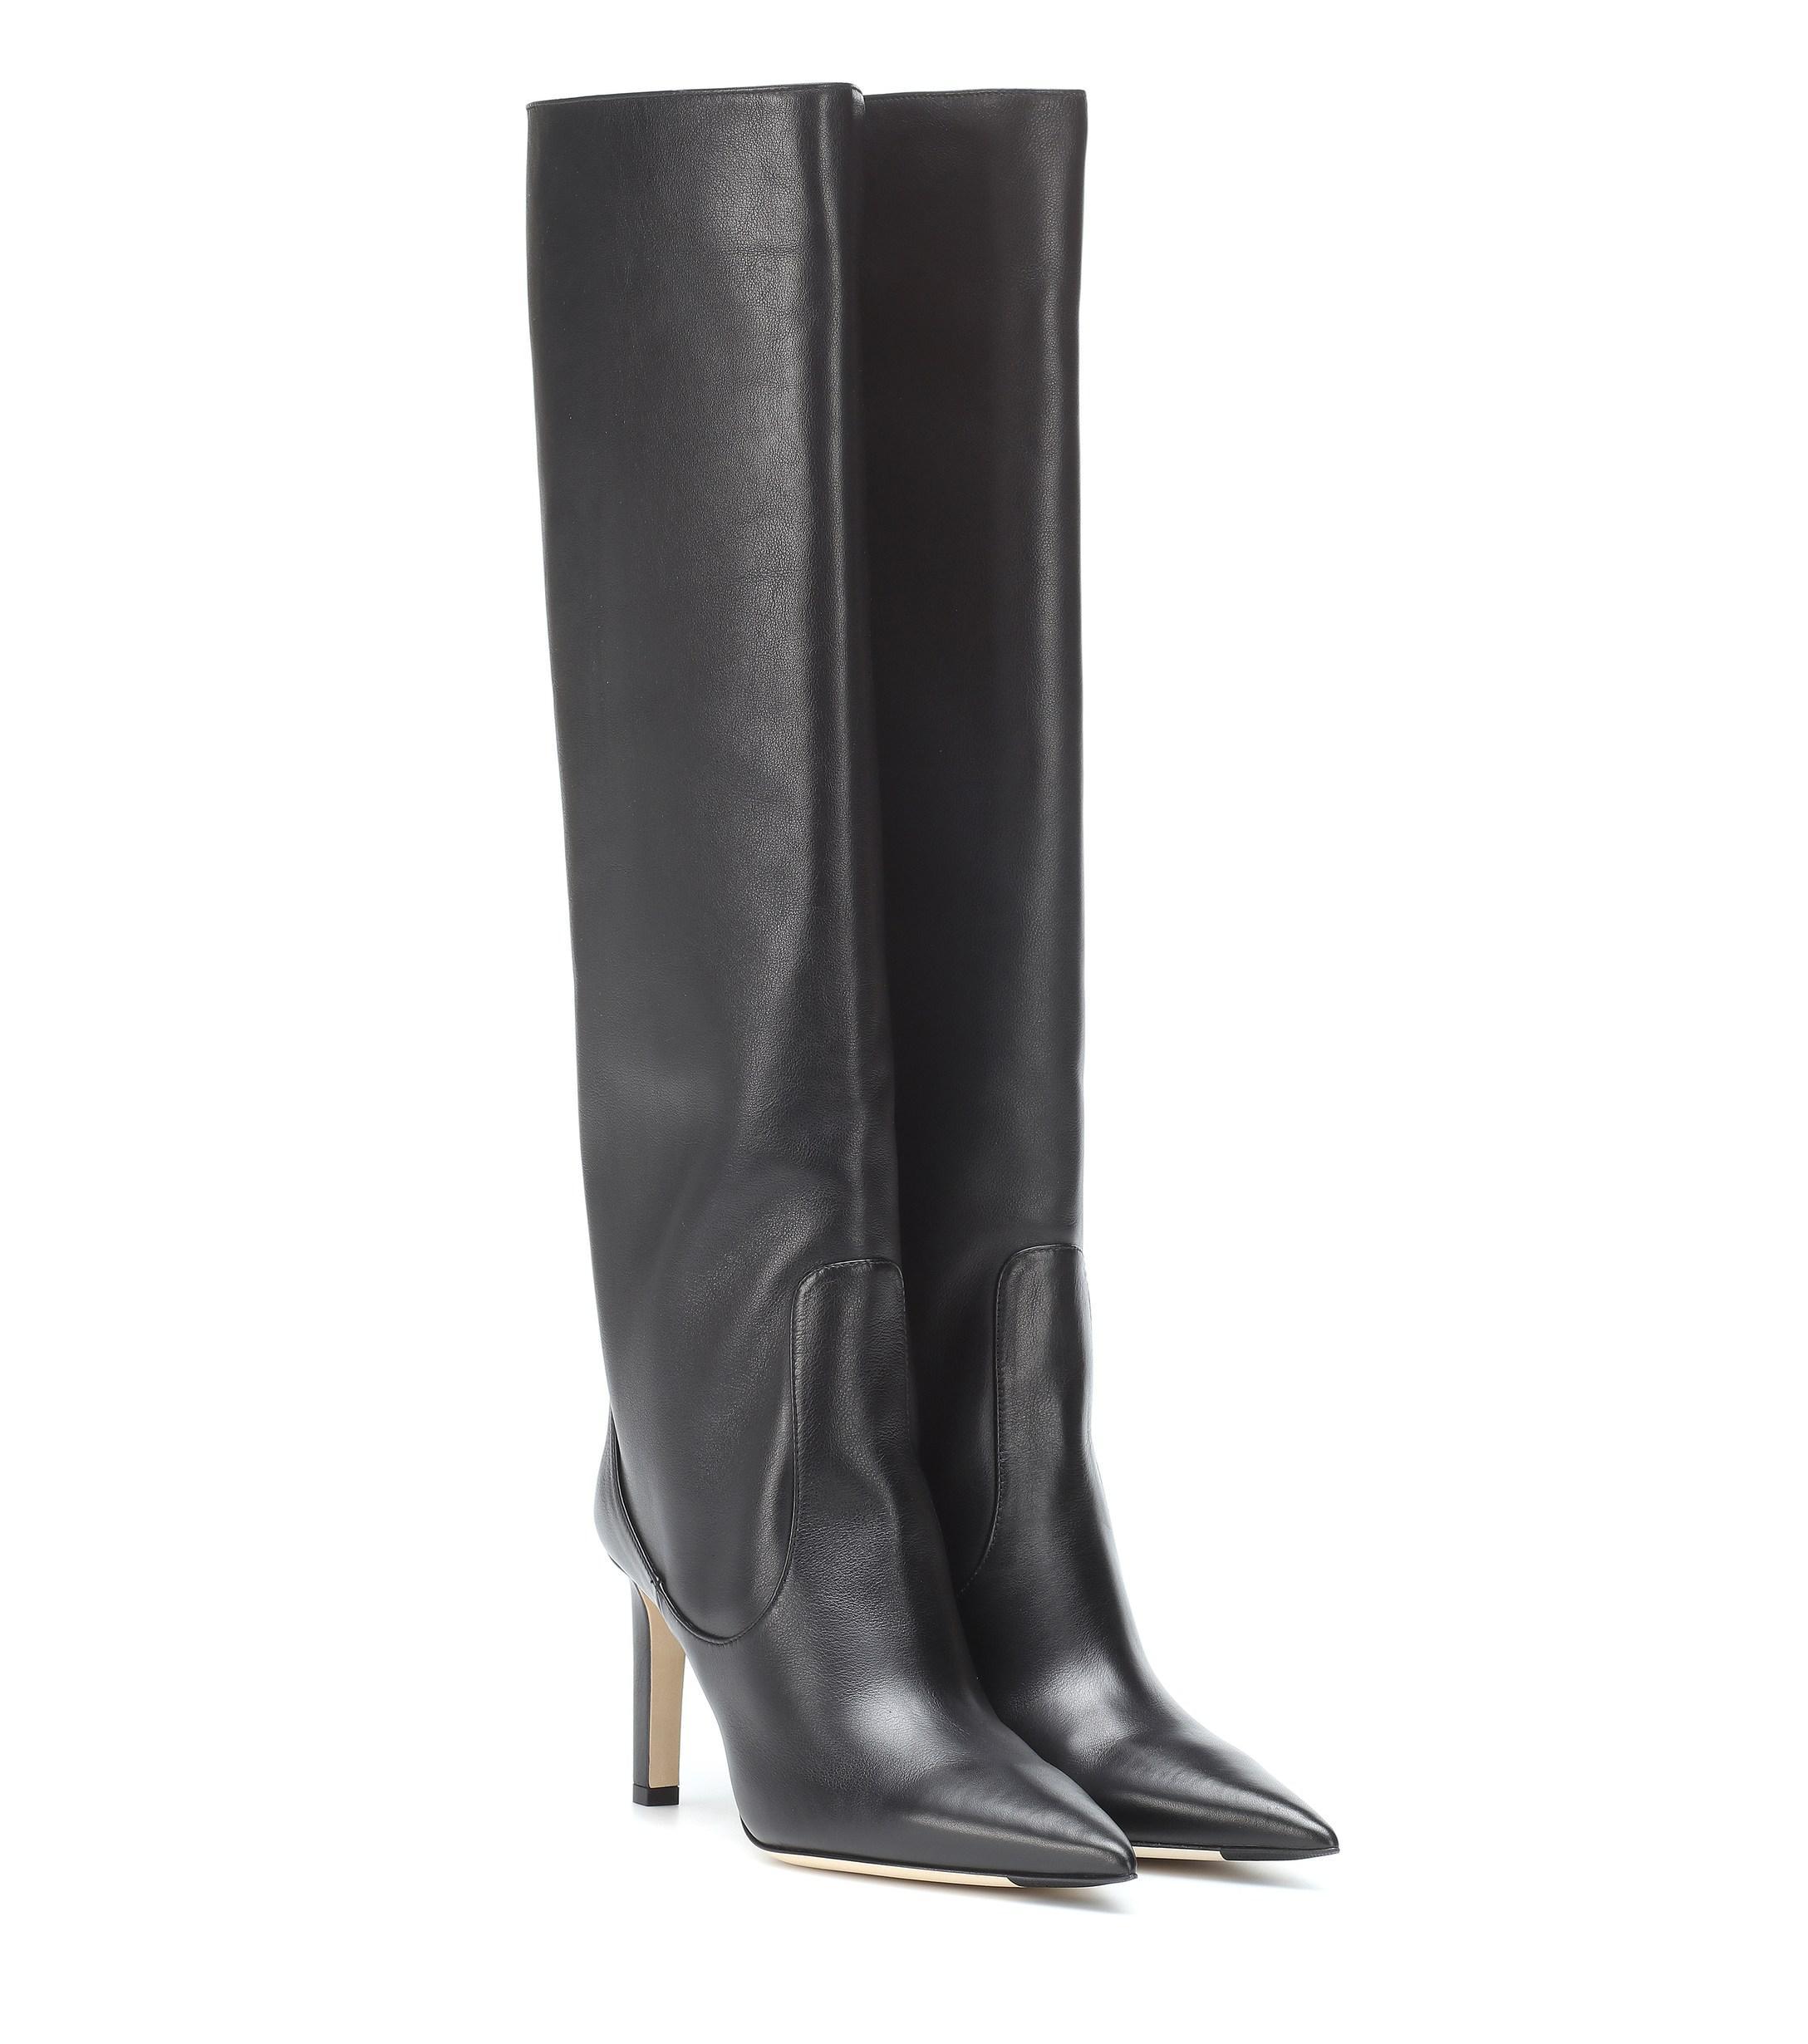 eb11b1c16bc Lyst - Jimmy Choo Mavis 85 Leather Boots in Black